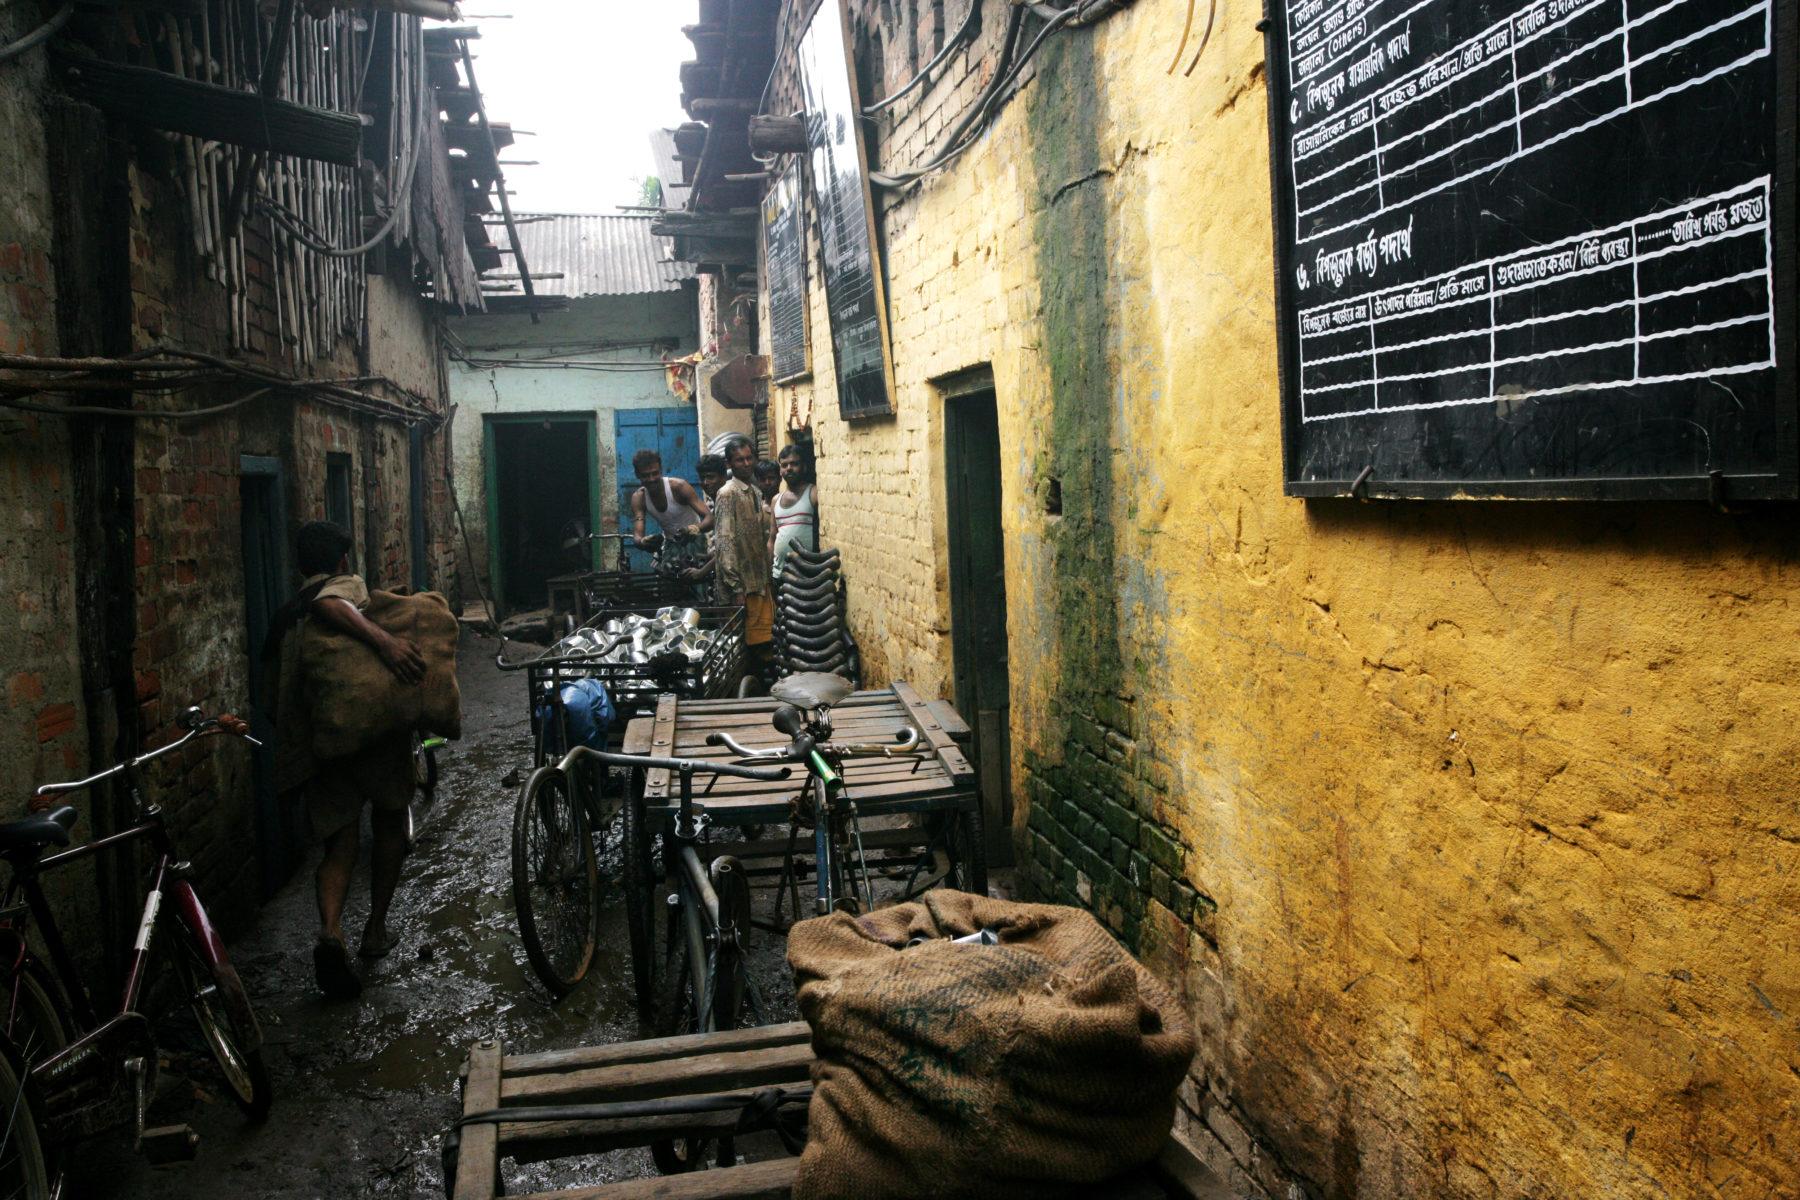 Kalkutta Slum